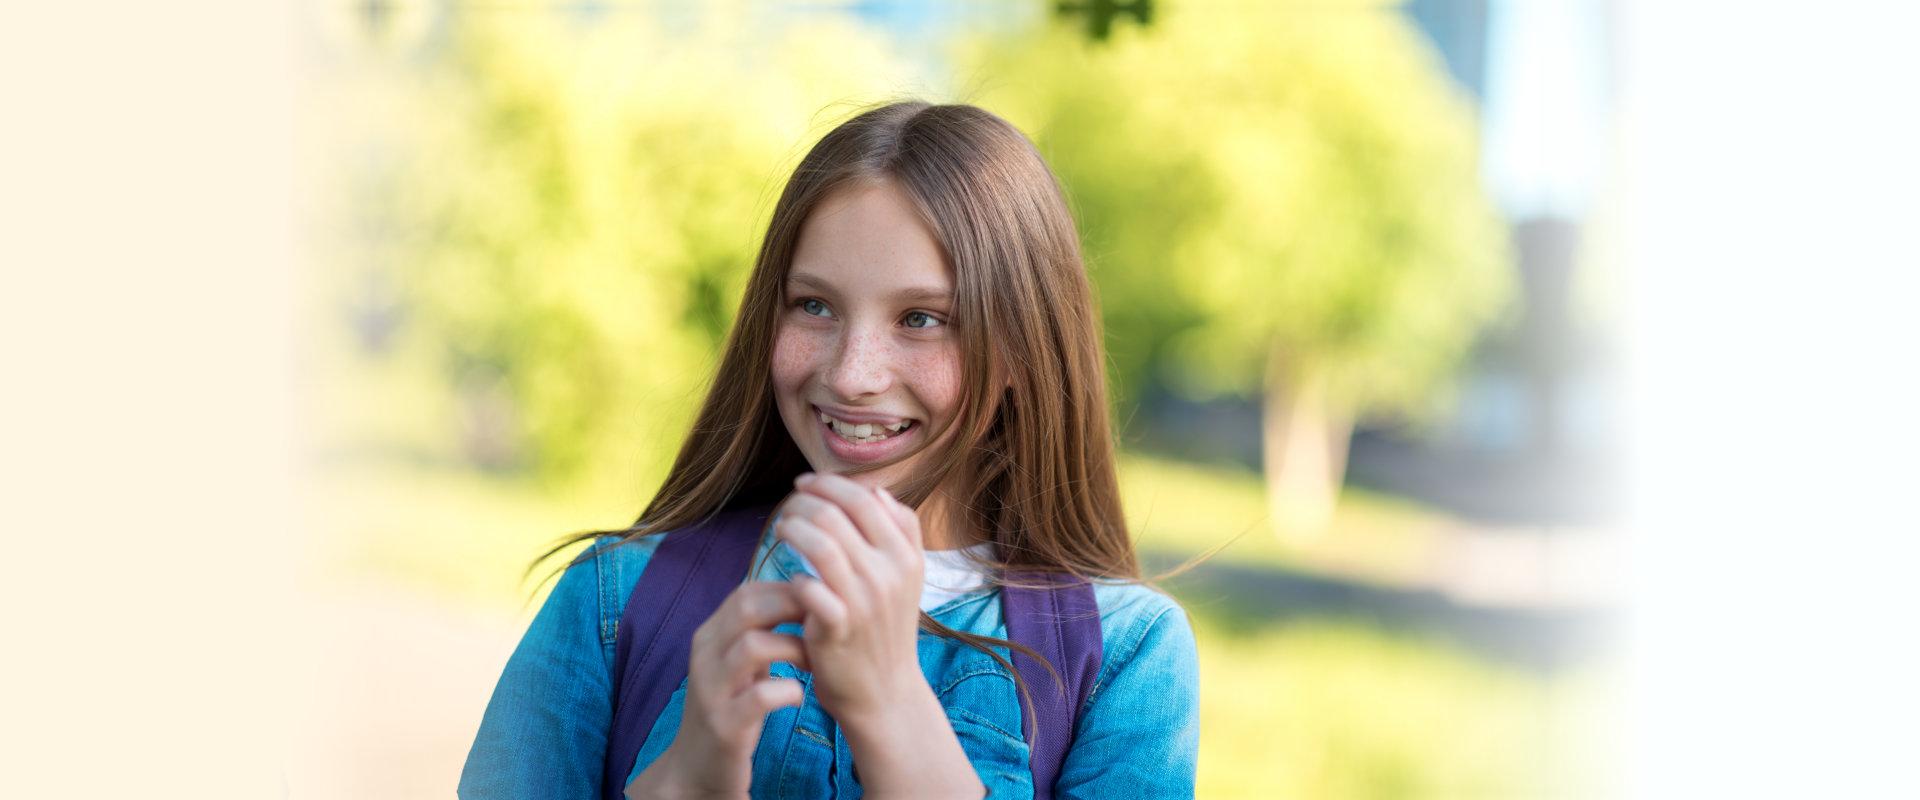 Little girl teenager